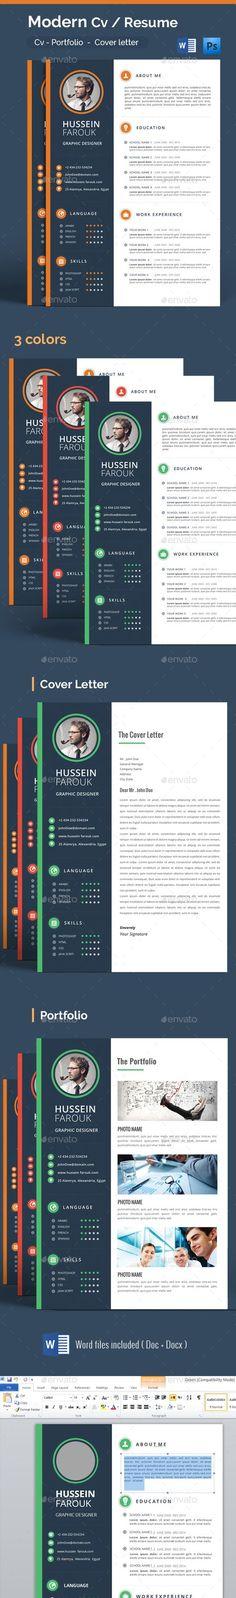 13 best Job offer service images on Pinterest Career, Creative - resume form